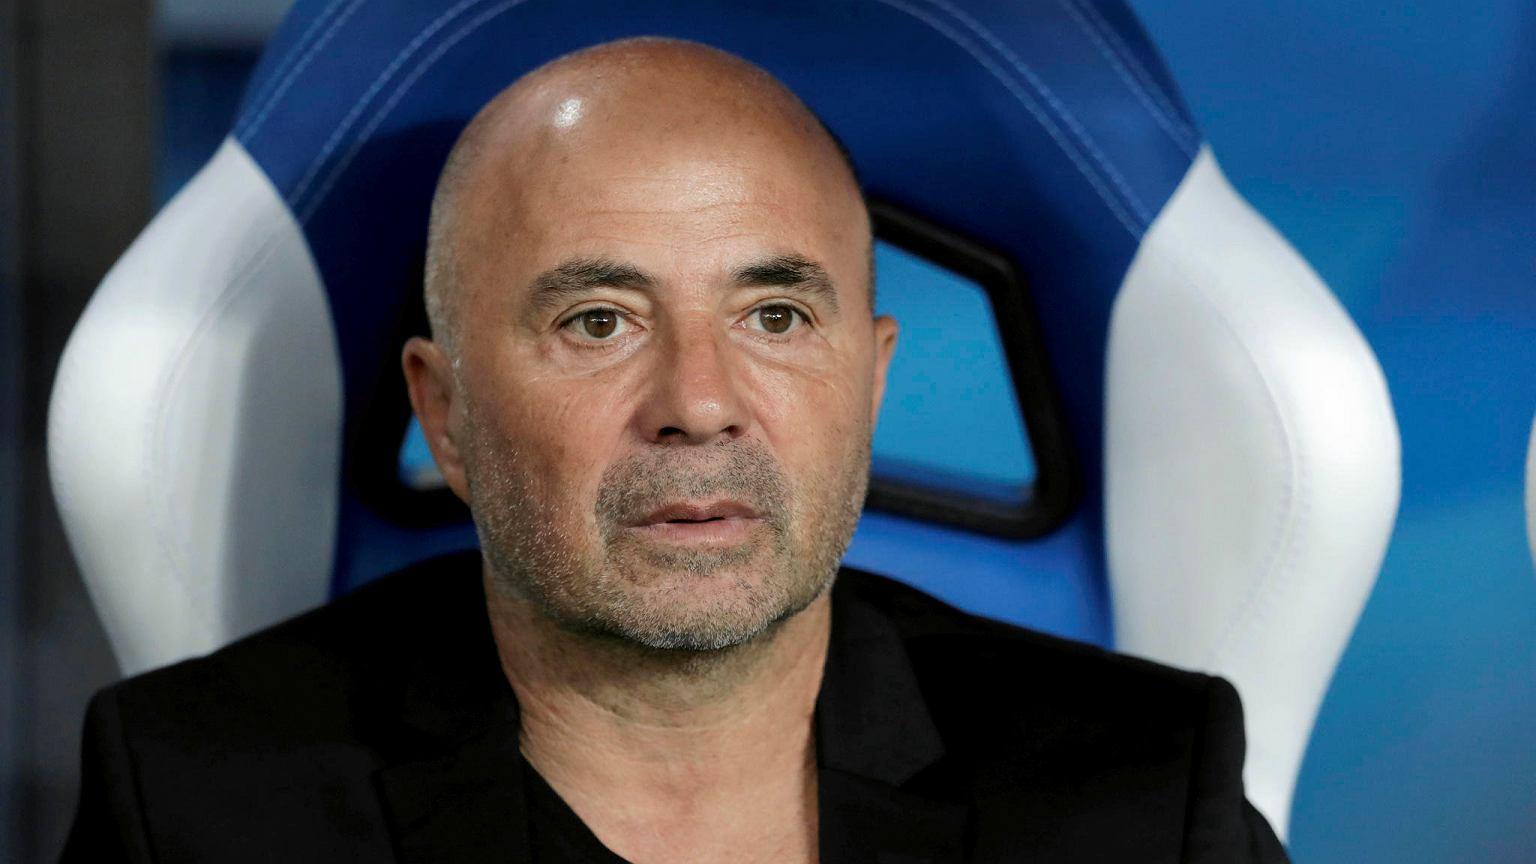 Jest główny kandydat na nowego trenera Arkadiusza Milika. Podali datę przejęcia klubu Piłka nożna